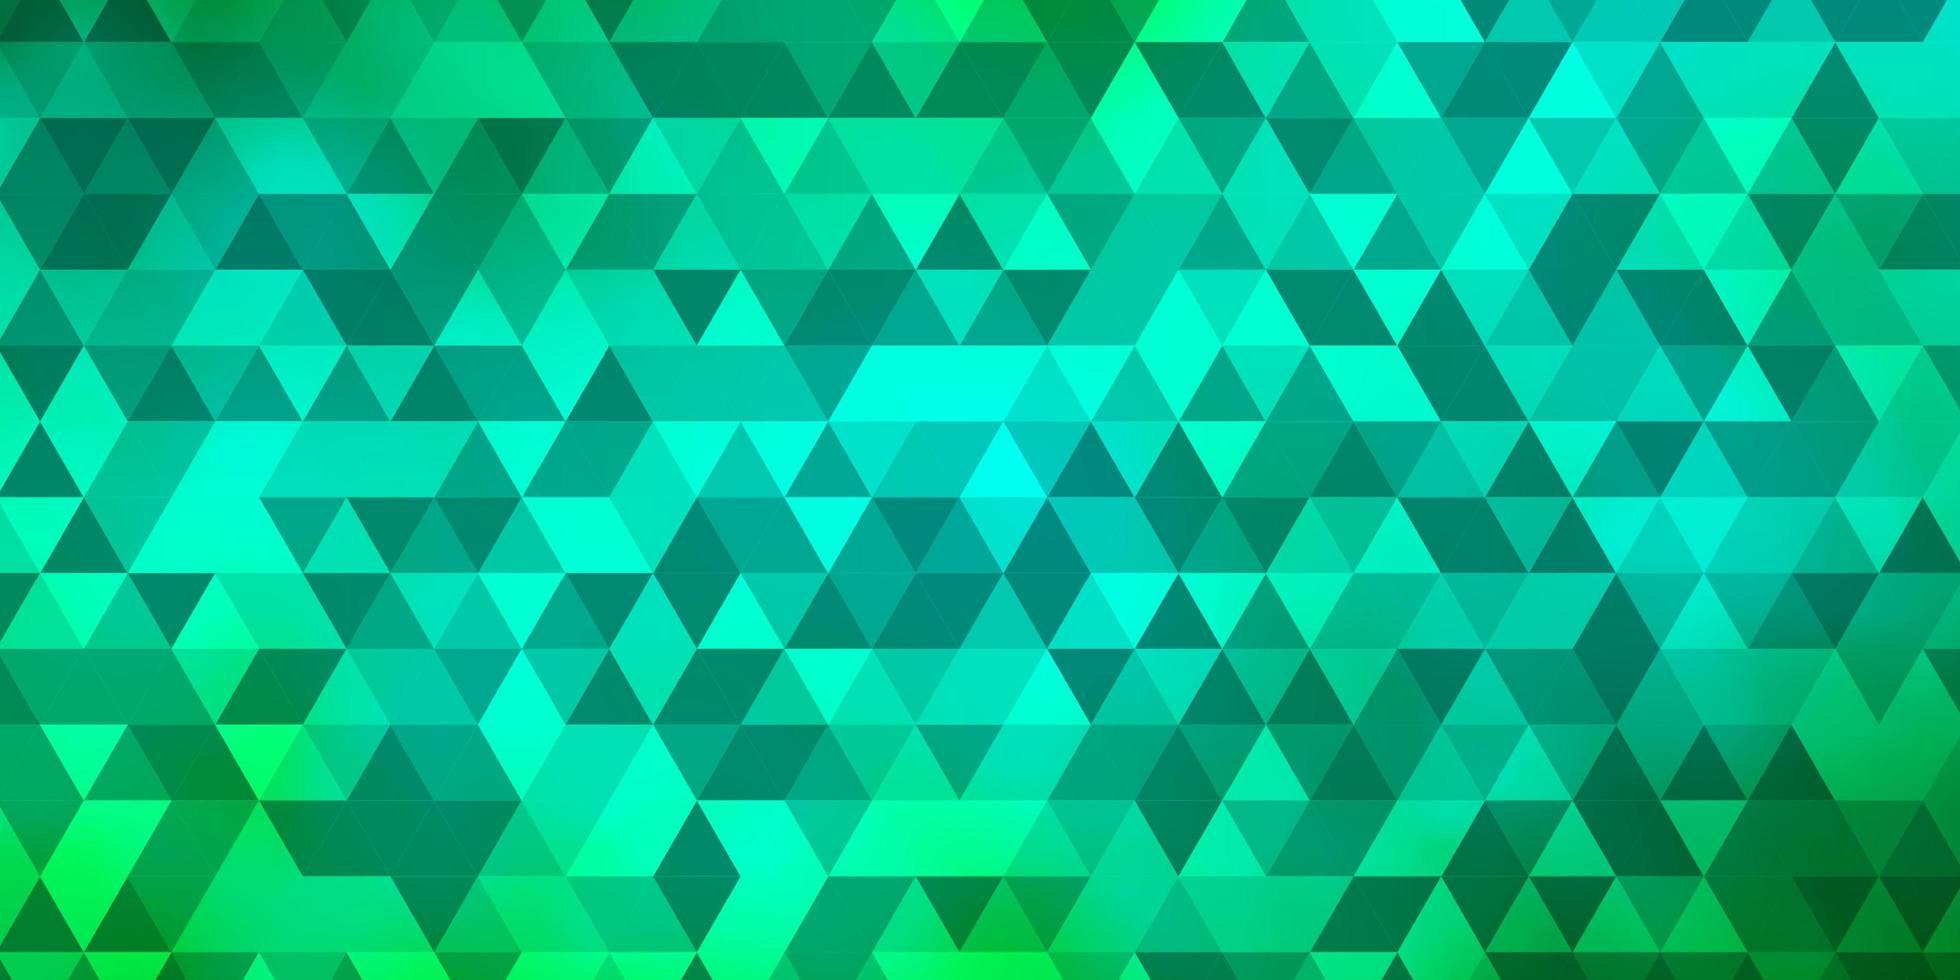 lichtgroene lay-out met lijnen, driehoeken. vector